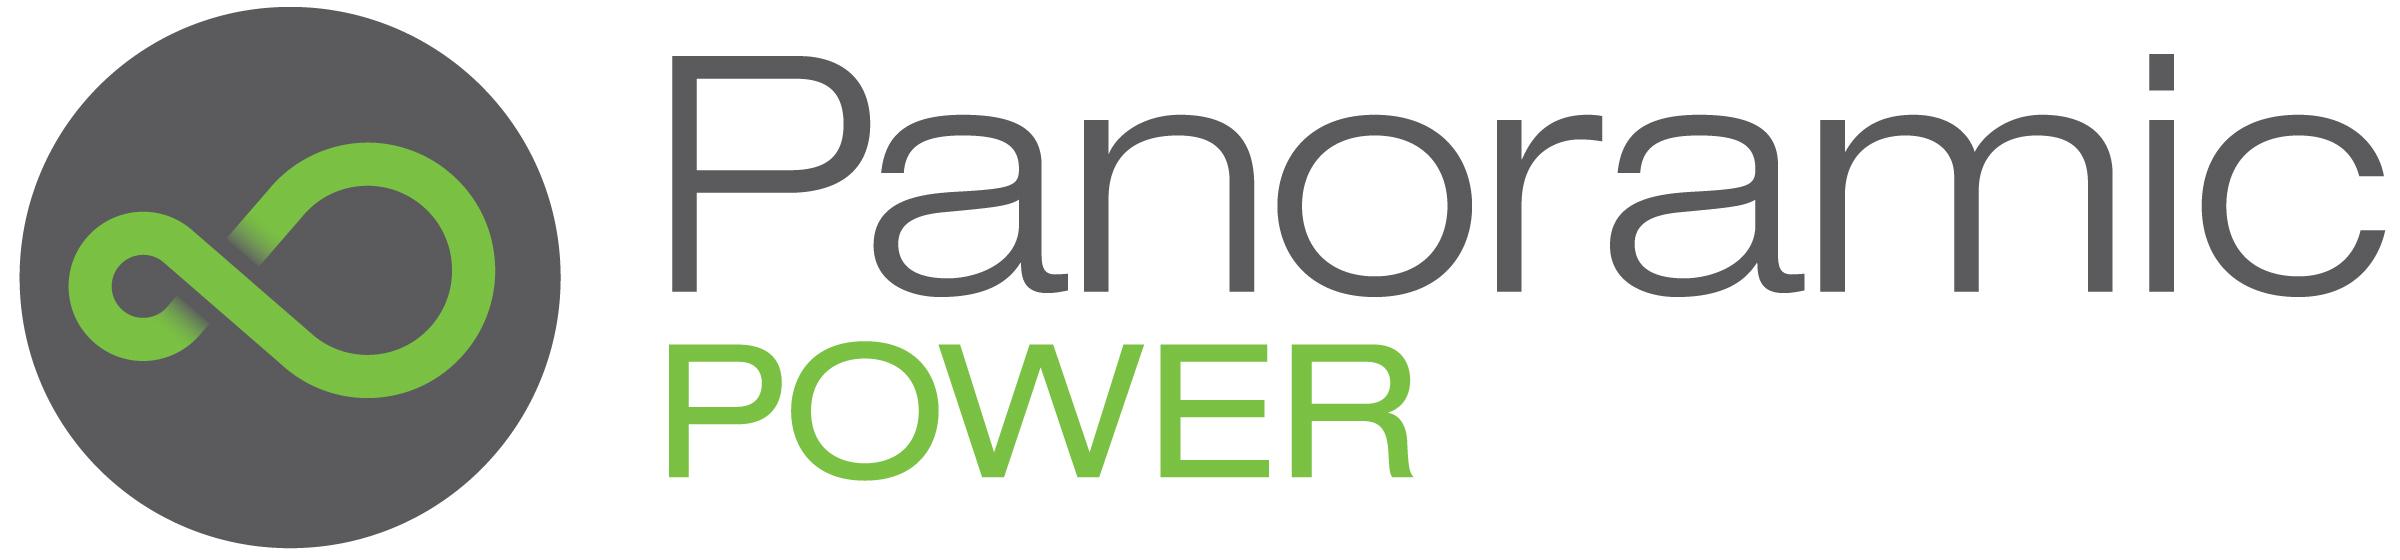 PanoramicPowerLogo2Color